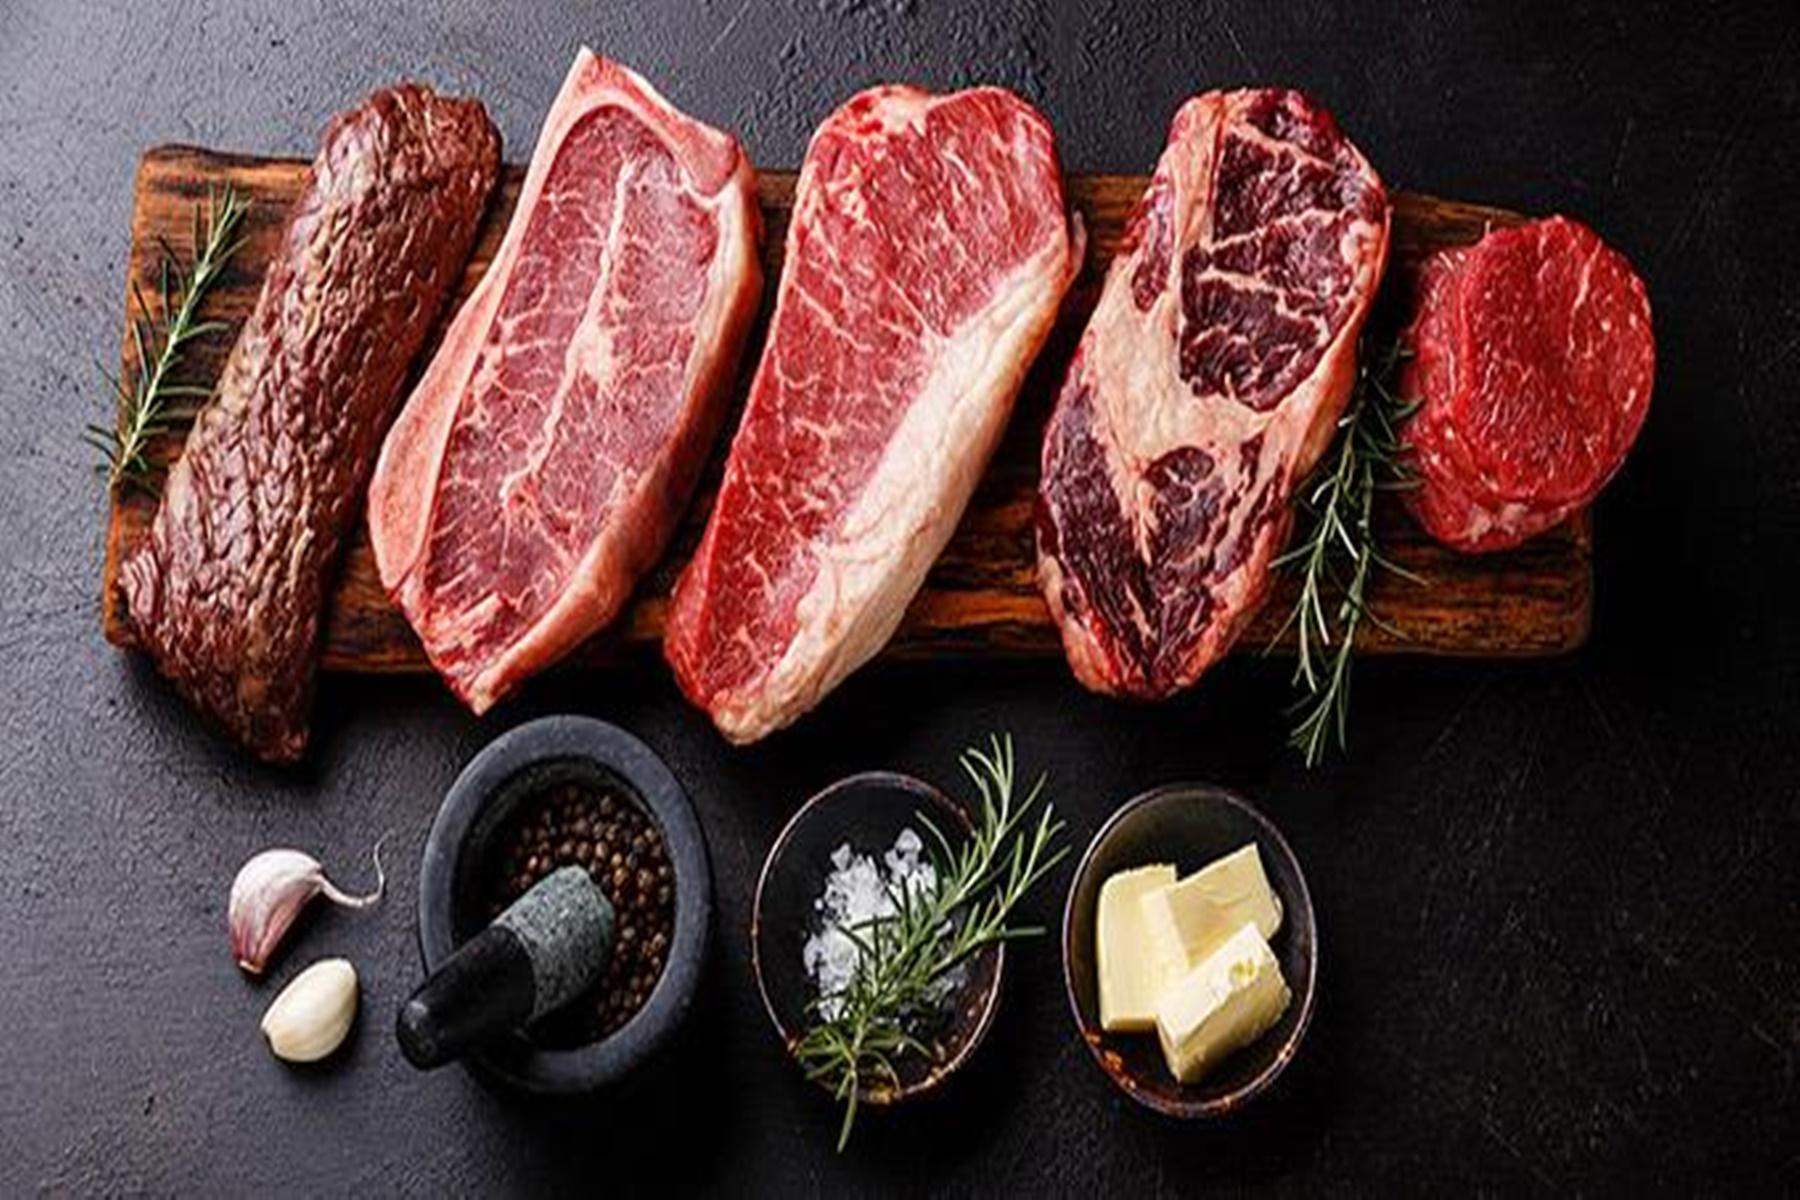 Ουσίες Καρκινογόνες Μπάρμπεκιου: Μείωση του κινδύνου ψησίματος με κάρβουνο για γεύμα ασφαλές